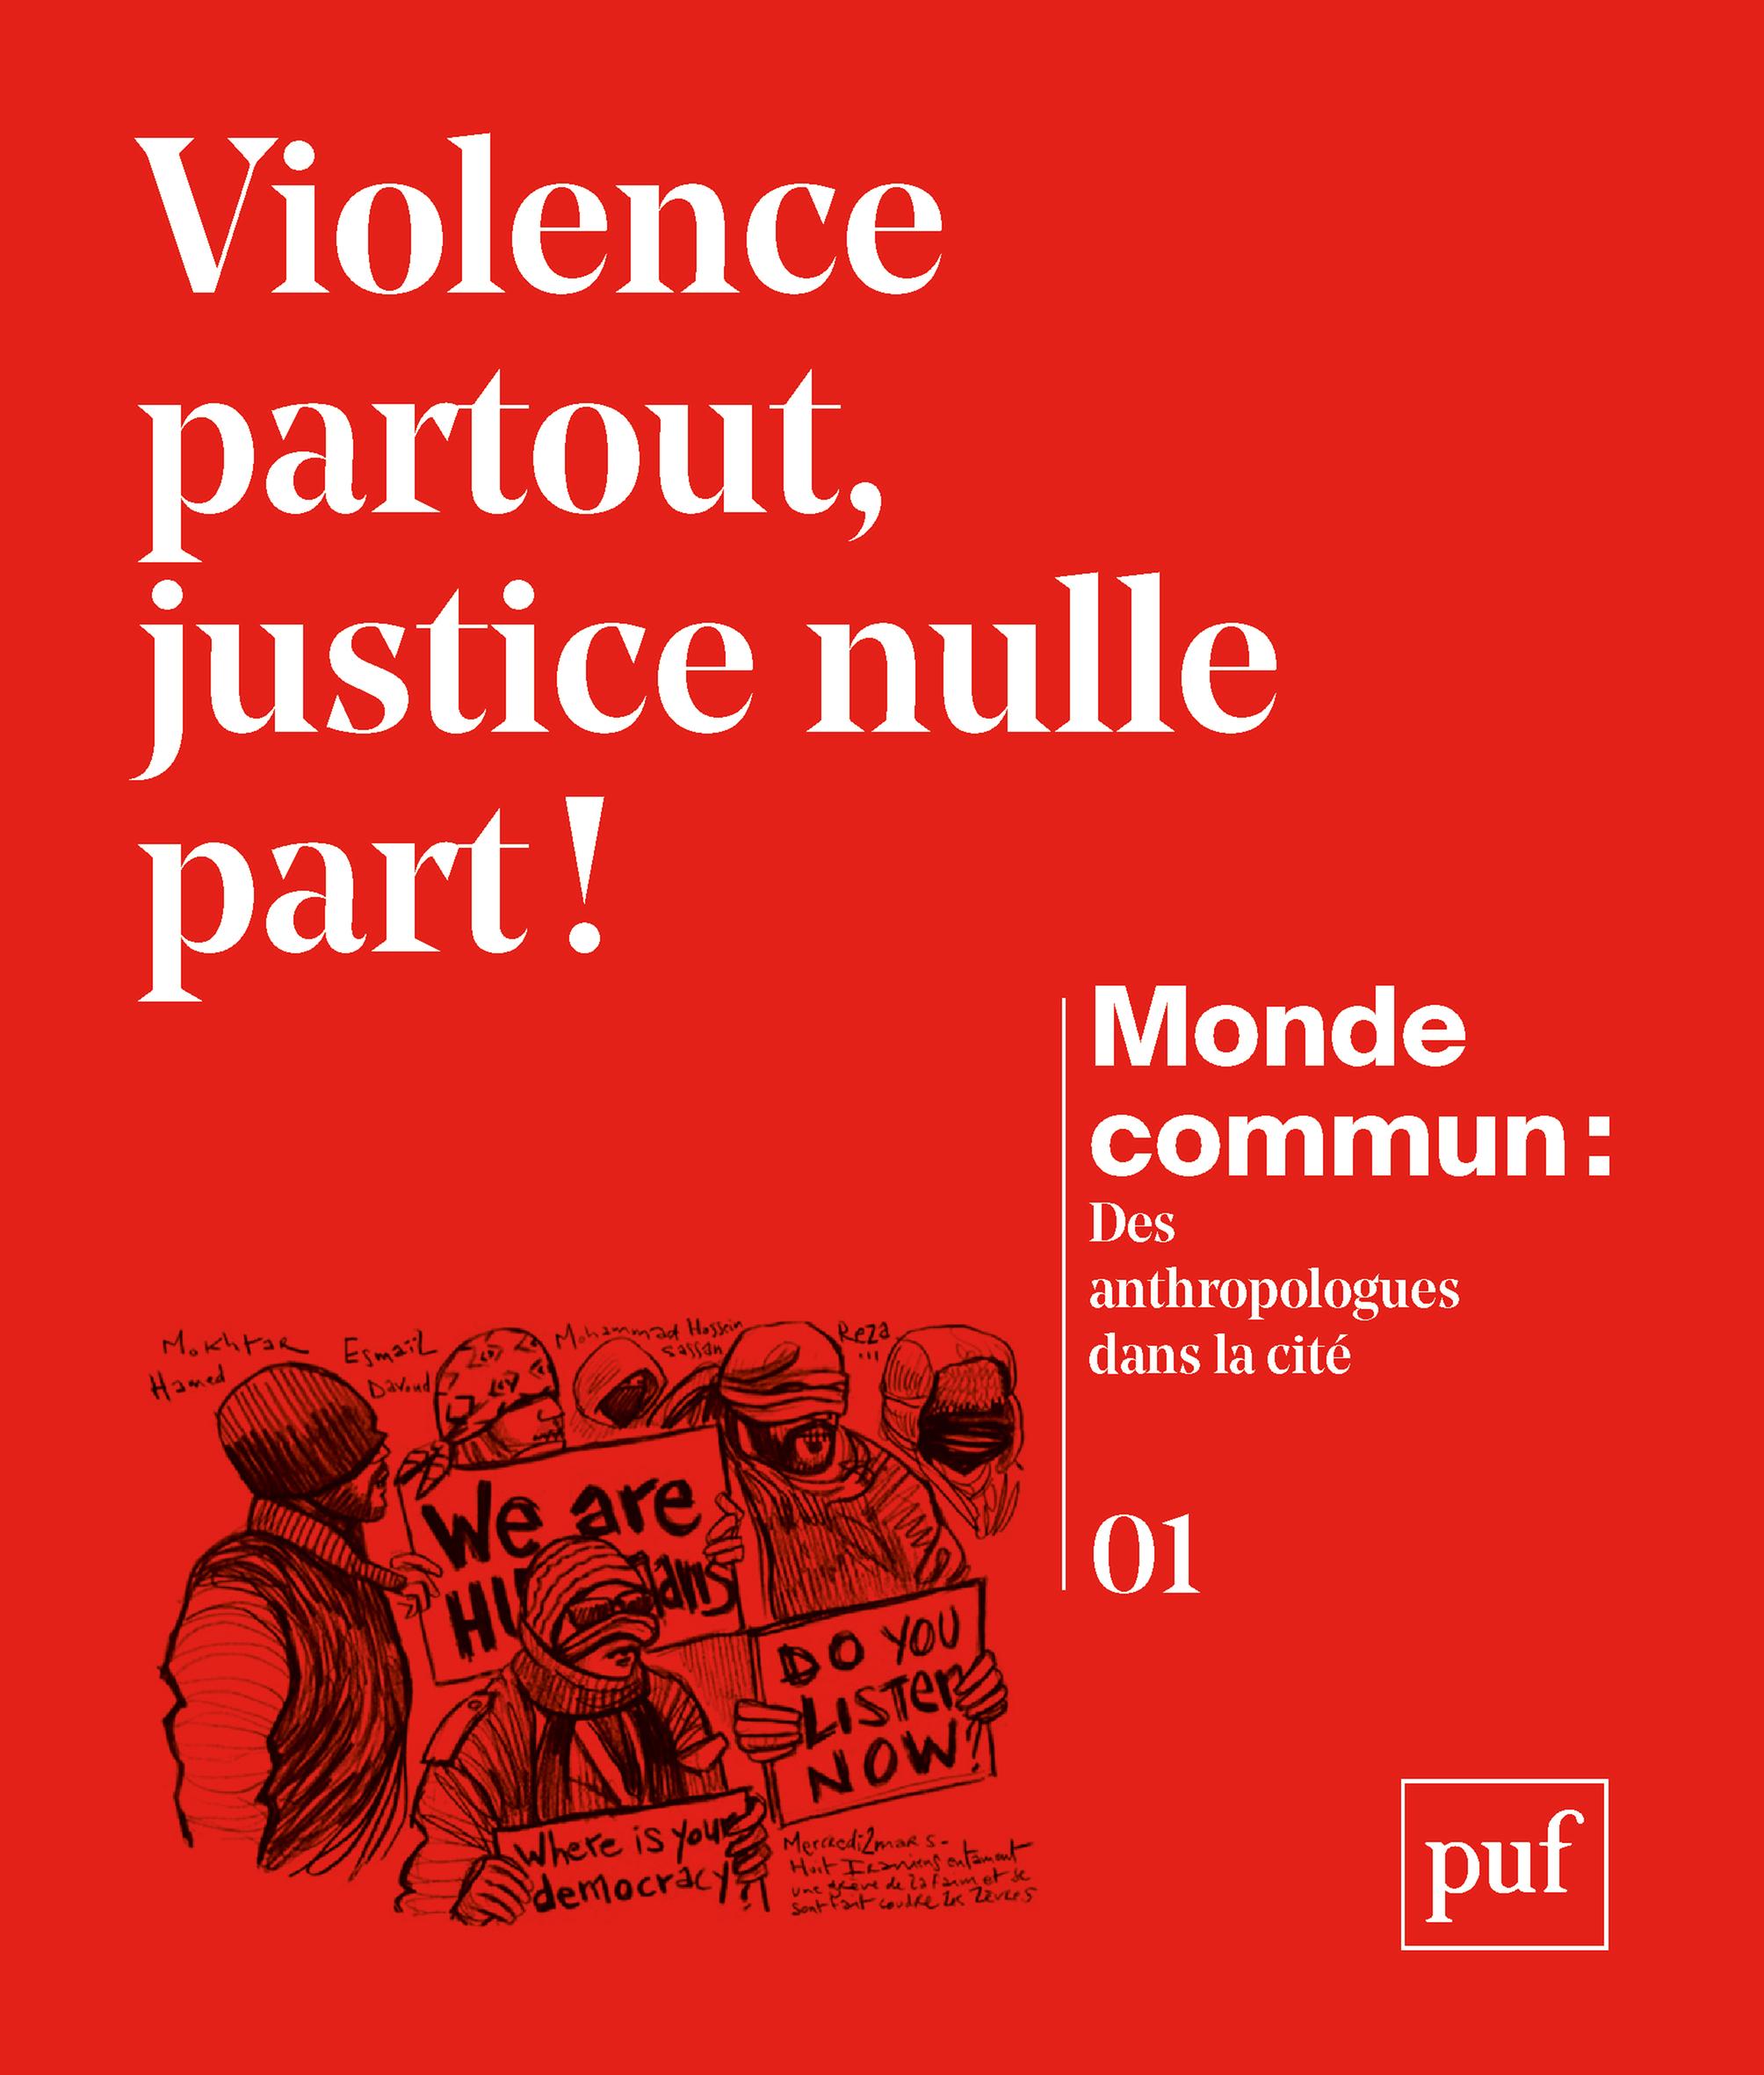 VIOLENCE PARTOUT, JUSTICE NULLE PART ?